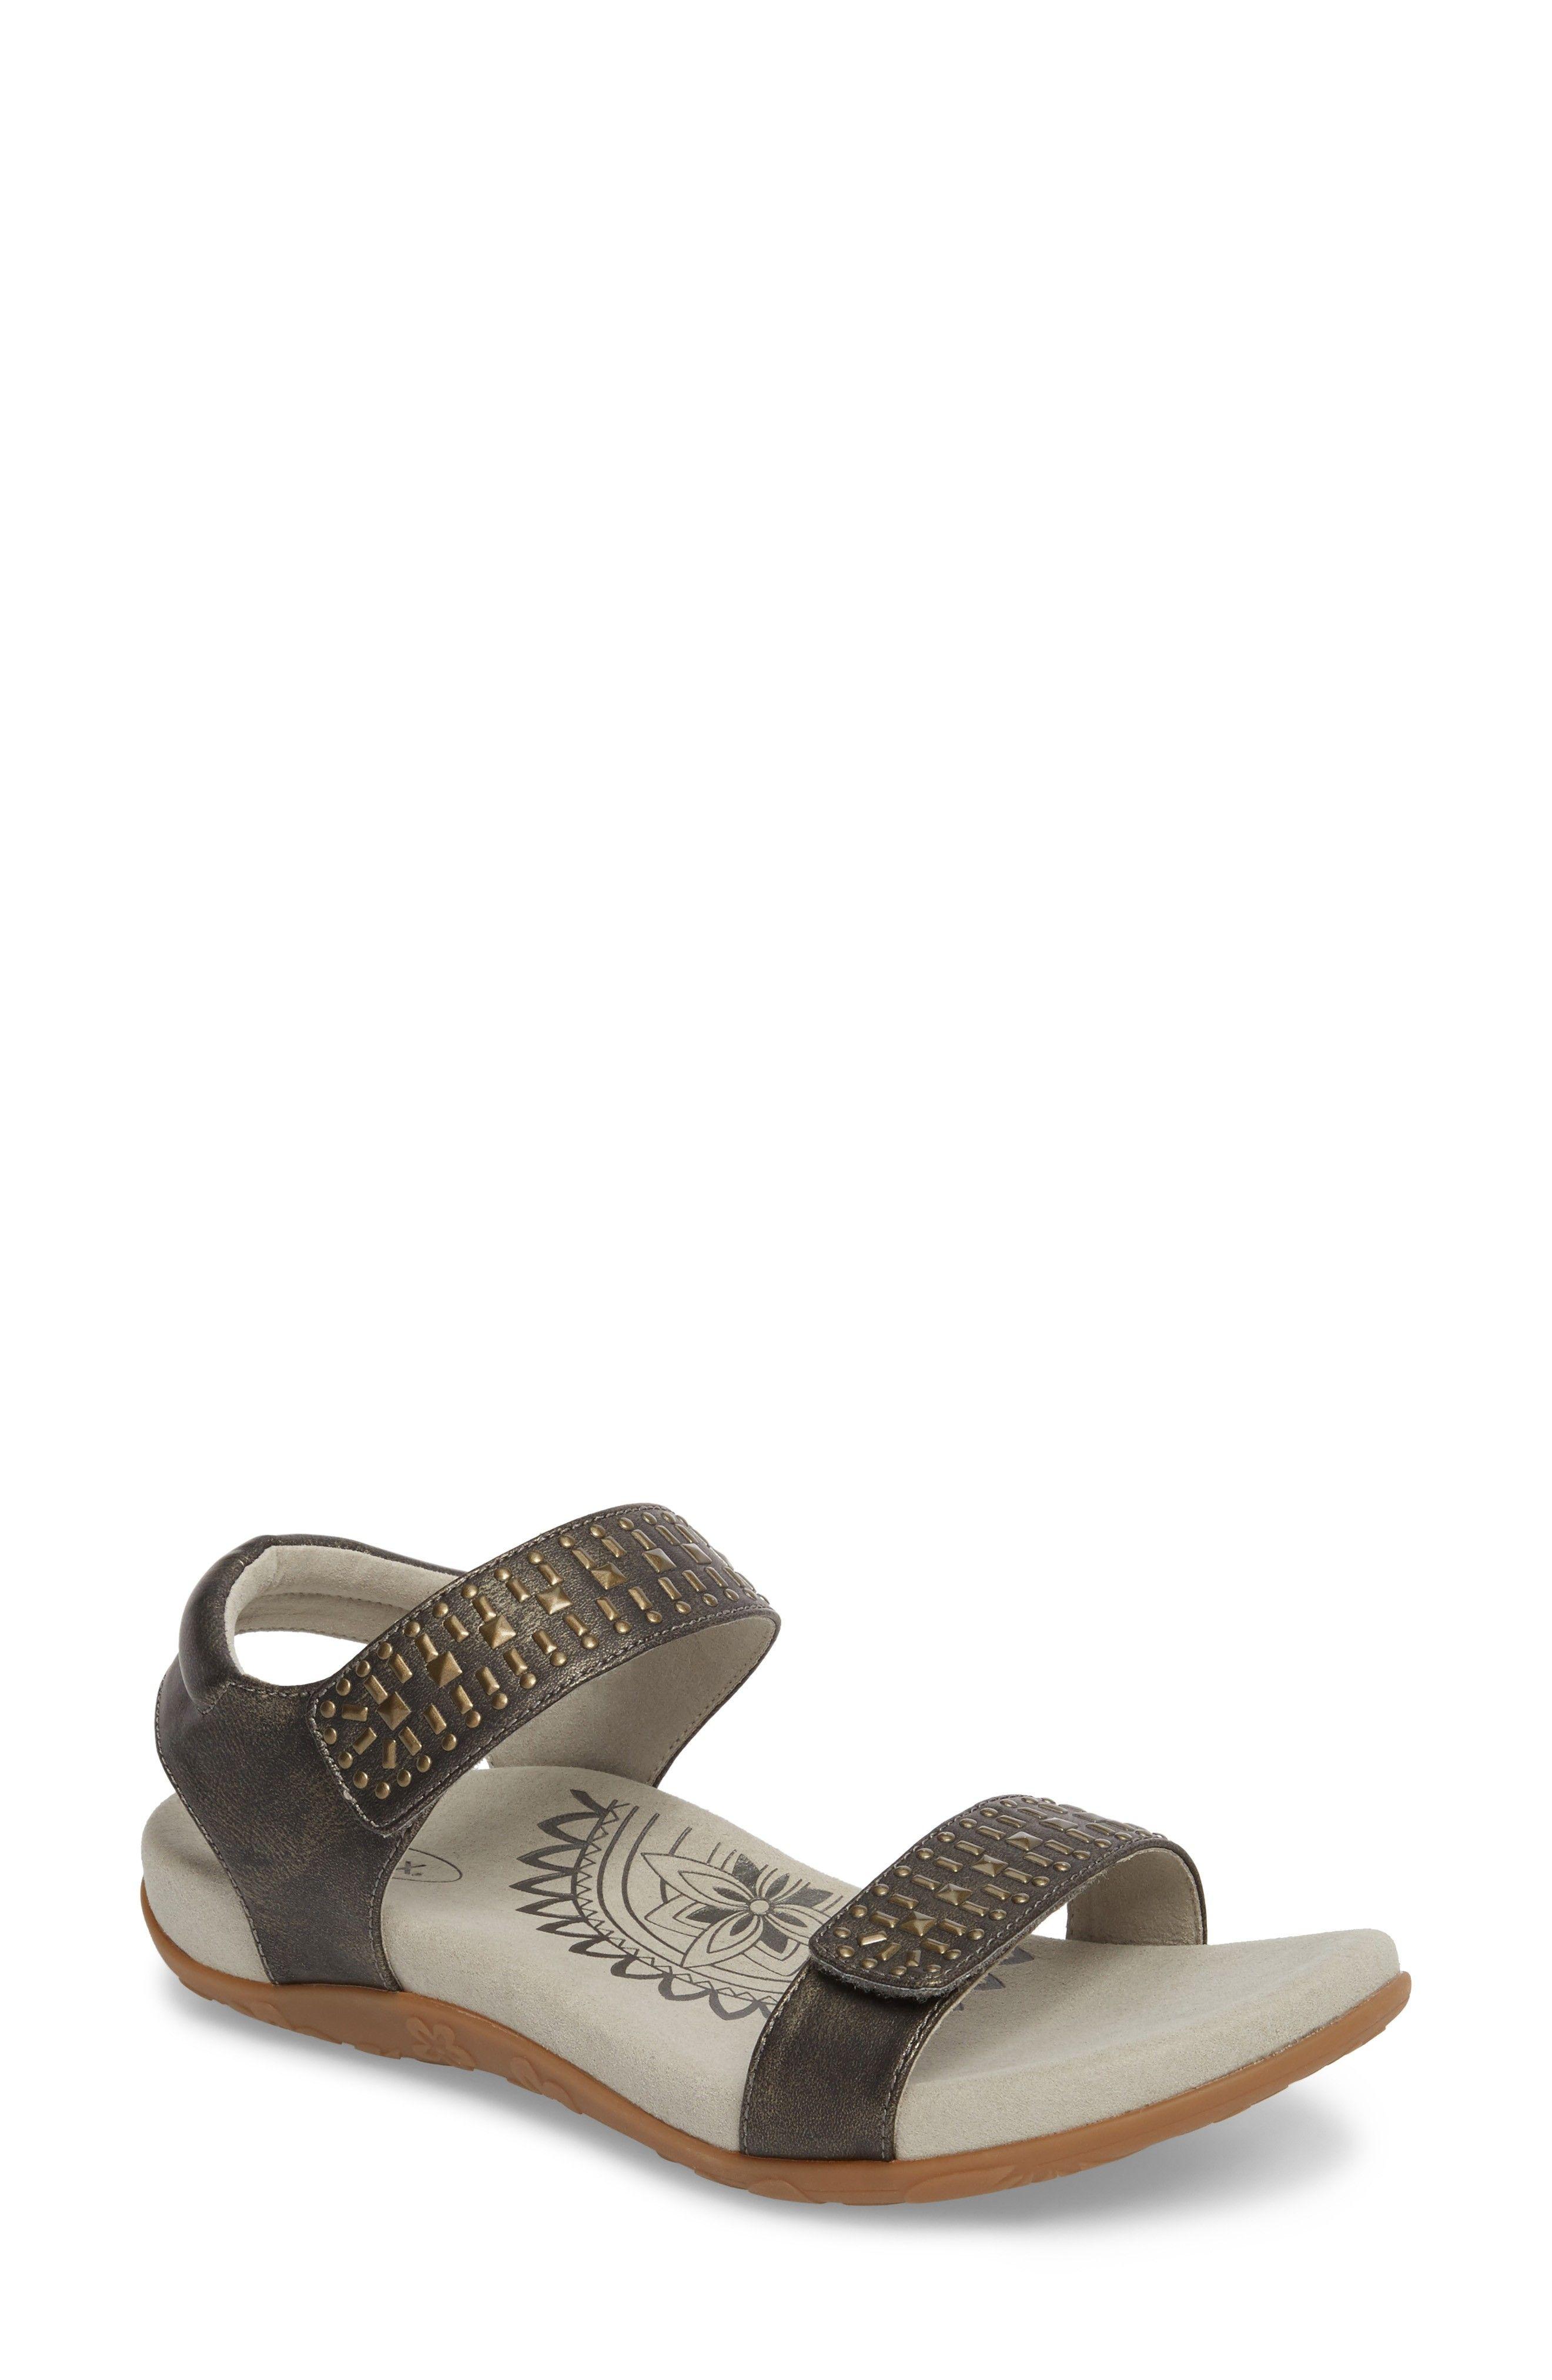 3ff719c7f85 New AETREX  Maria  Sandal online. New AETREX Shoes.   89.95  SKU  DHCR67440DBJP38507